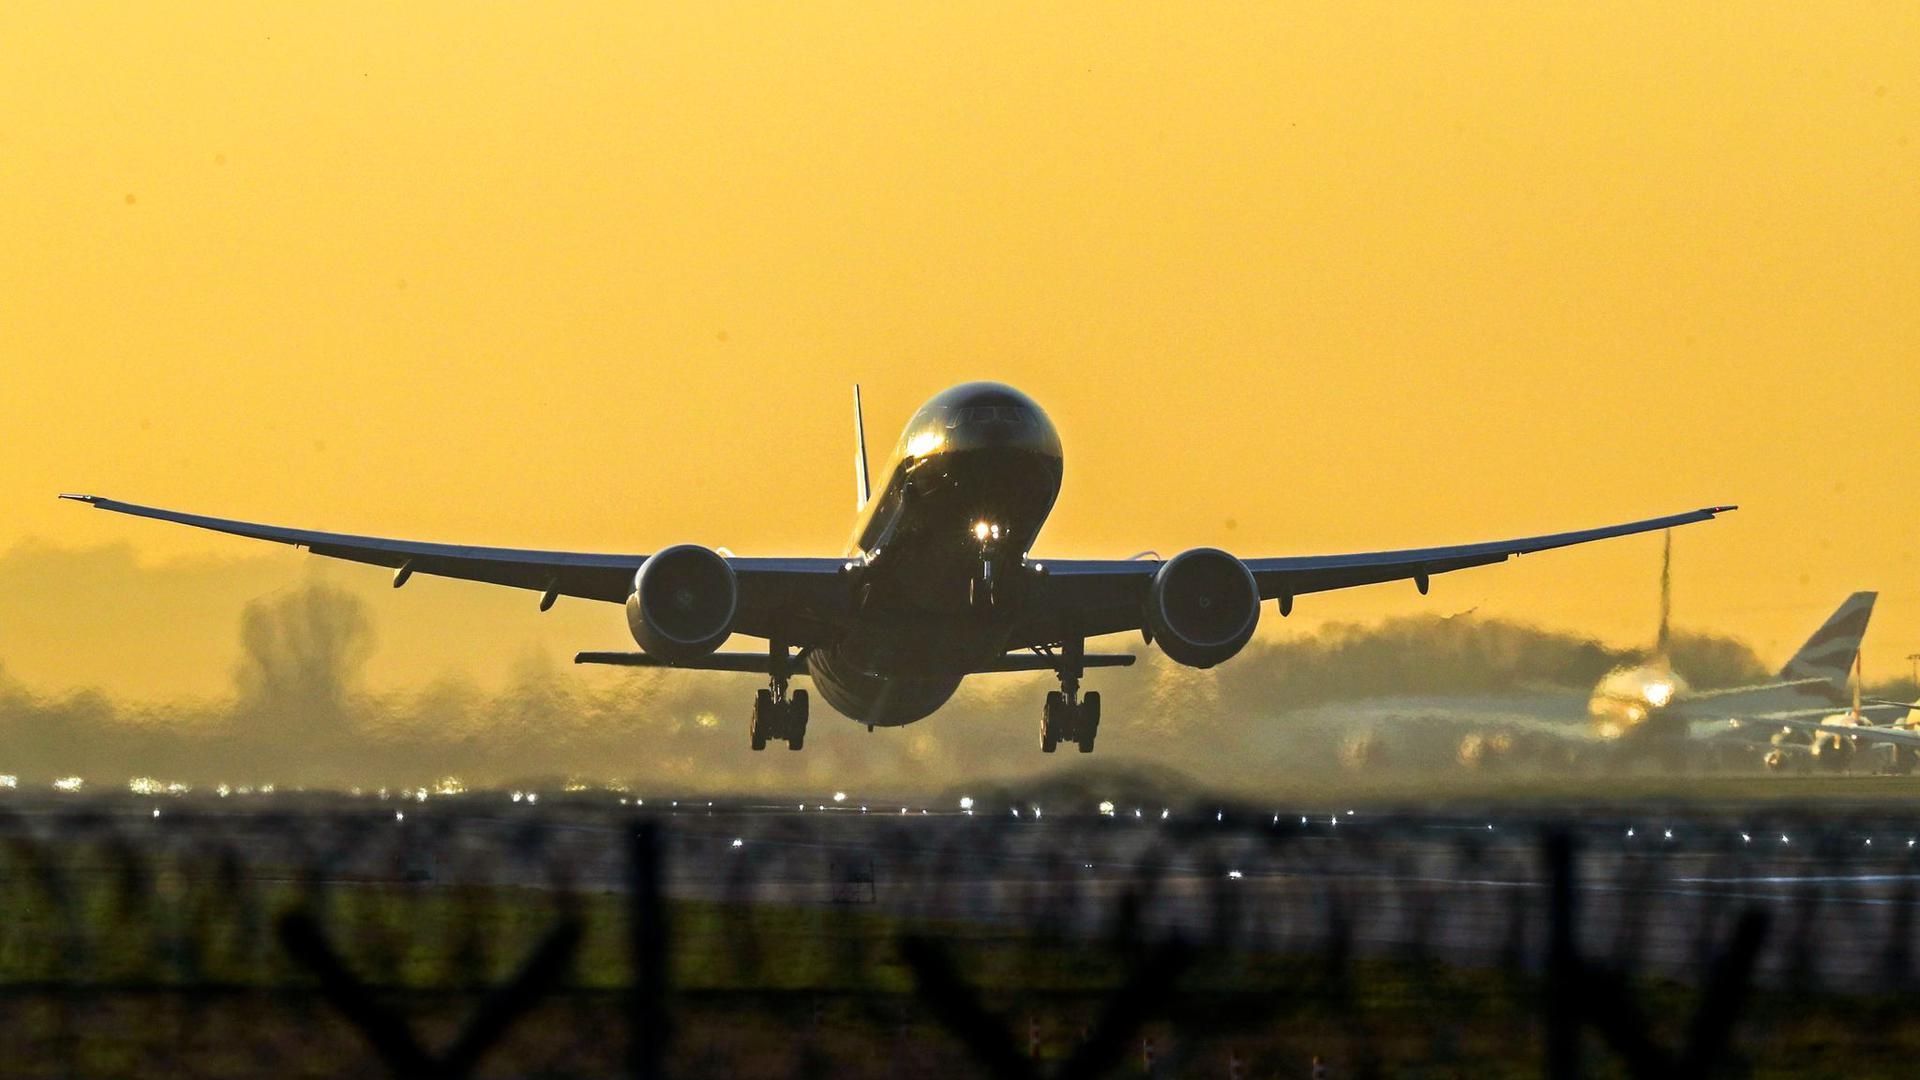 Ein Flugzeug startet vom Flughafen London Heathrow.